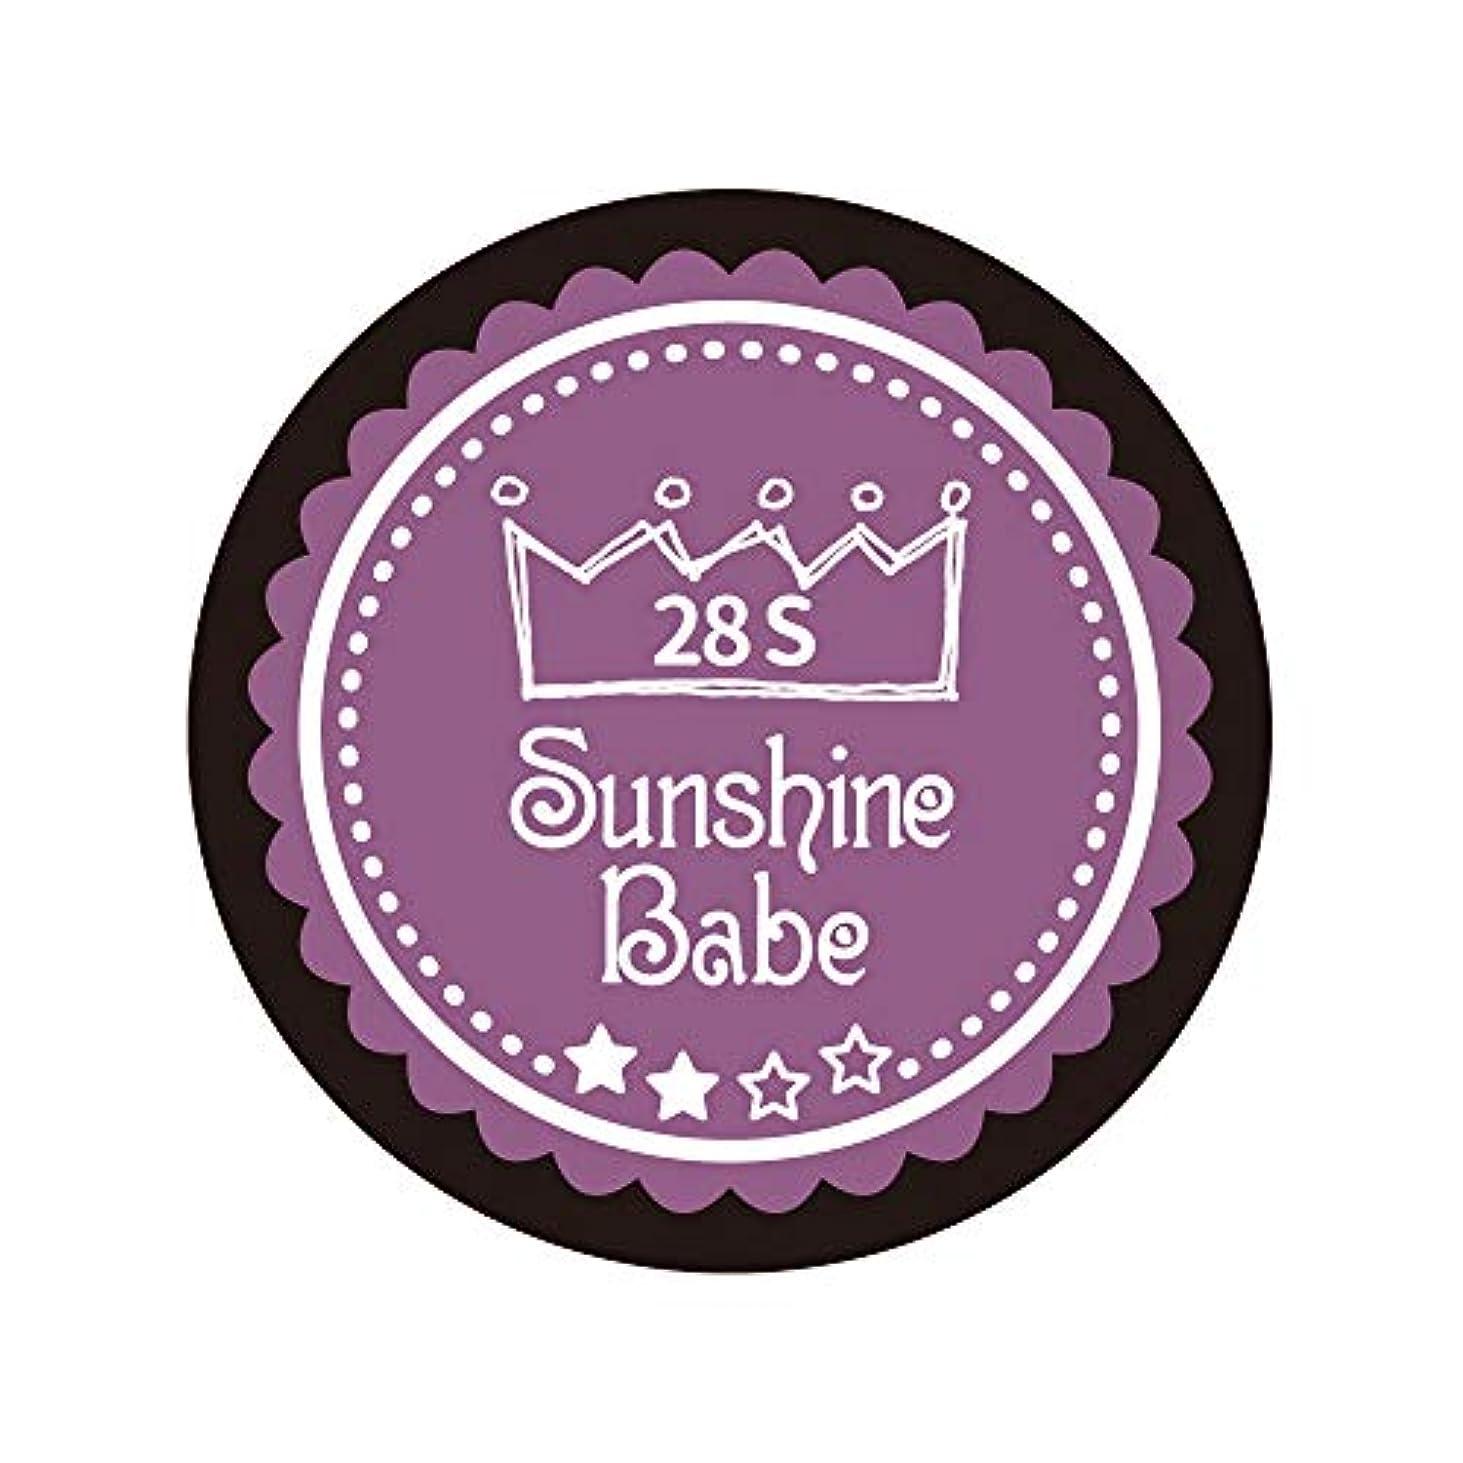 王位バースキームSunshine Babe カラージェル 28S パンジーパープル 2.7g UV/LED対応